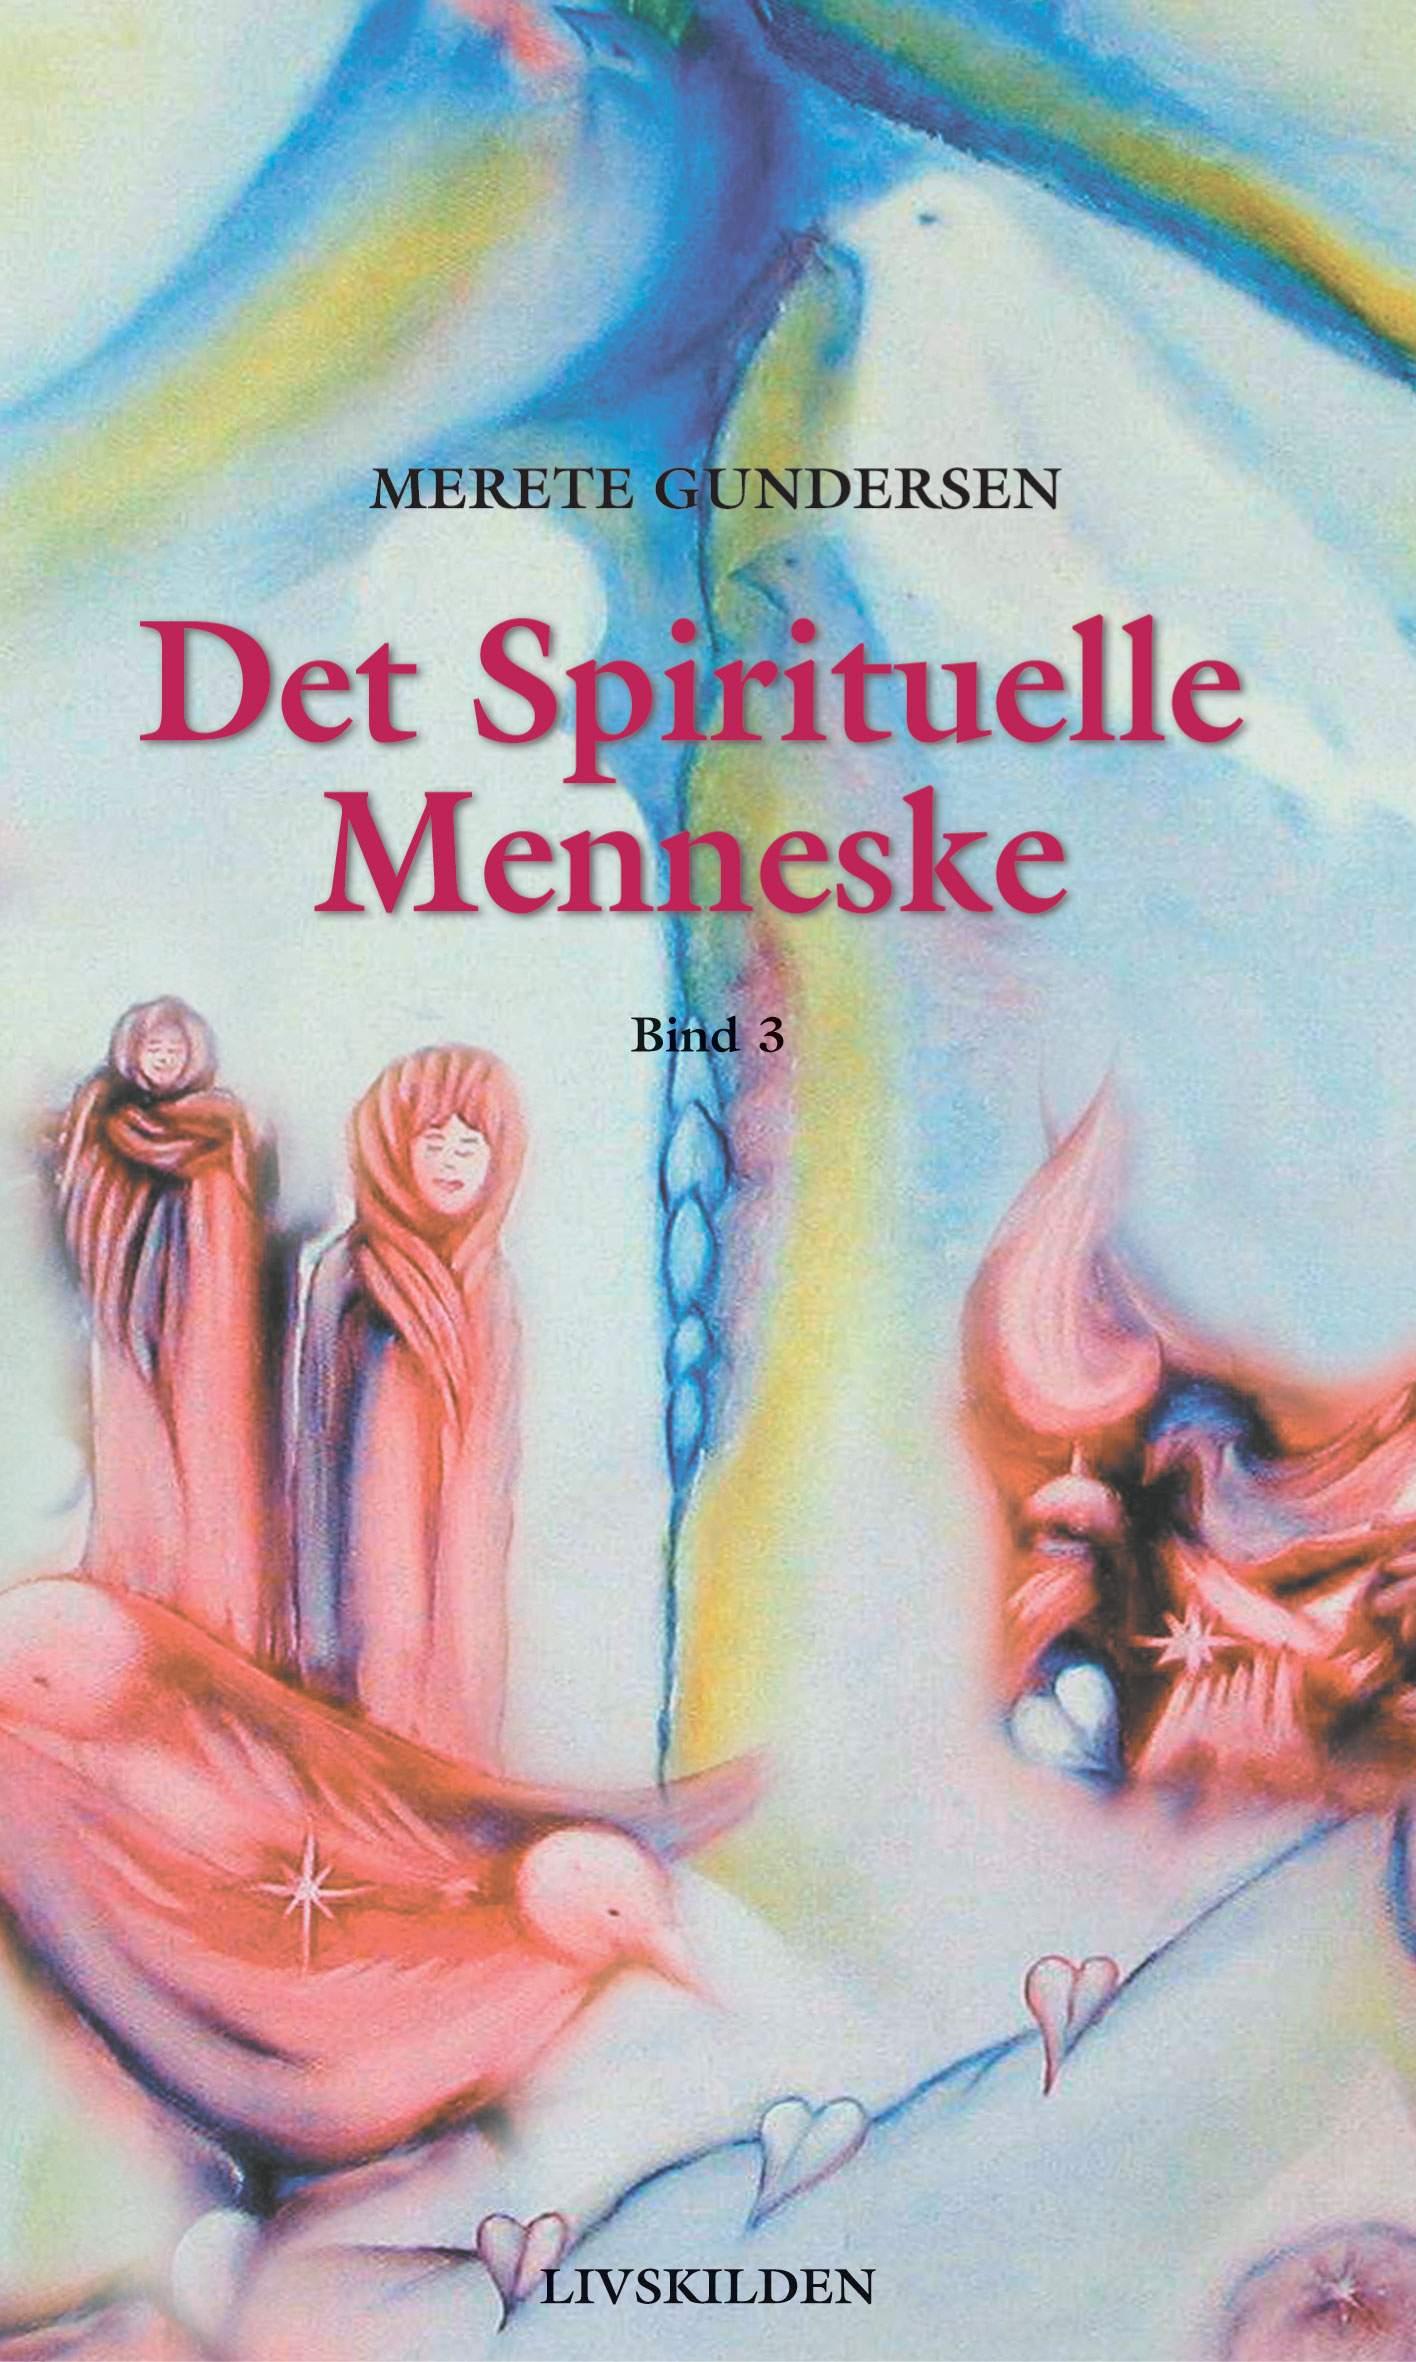 Det Spirituelle Menneske 3 af forfatter Merete Gundersen